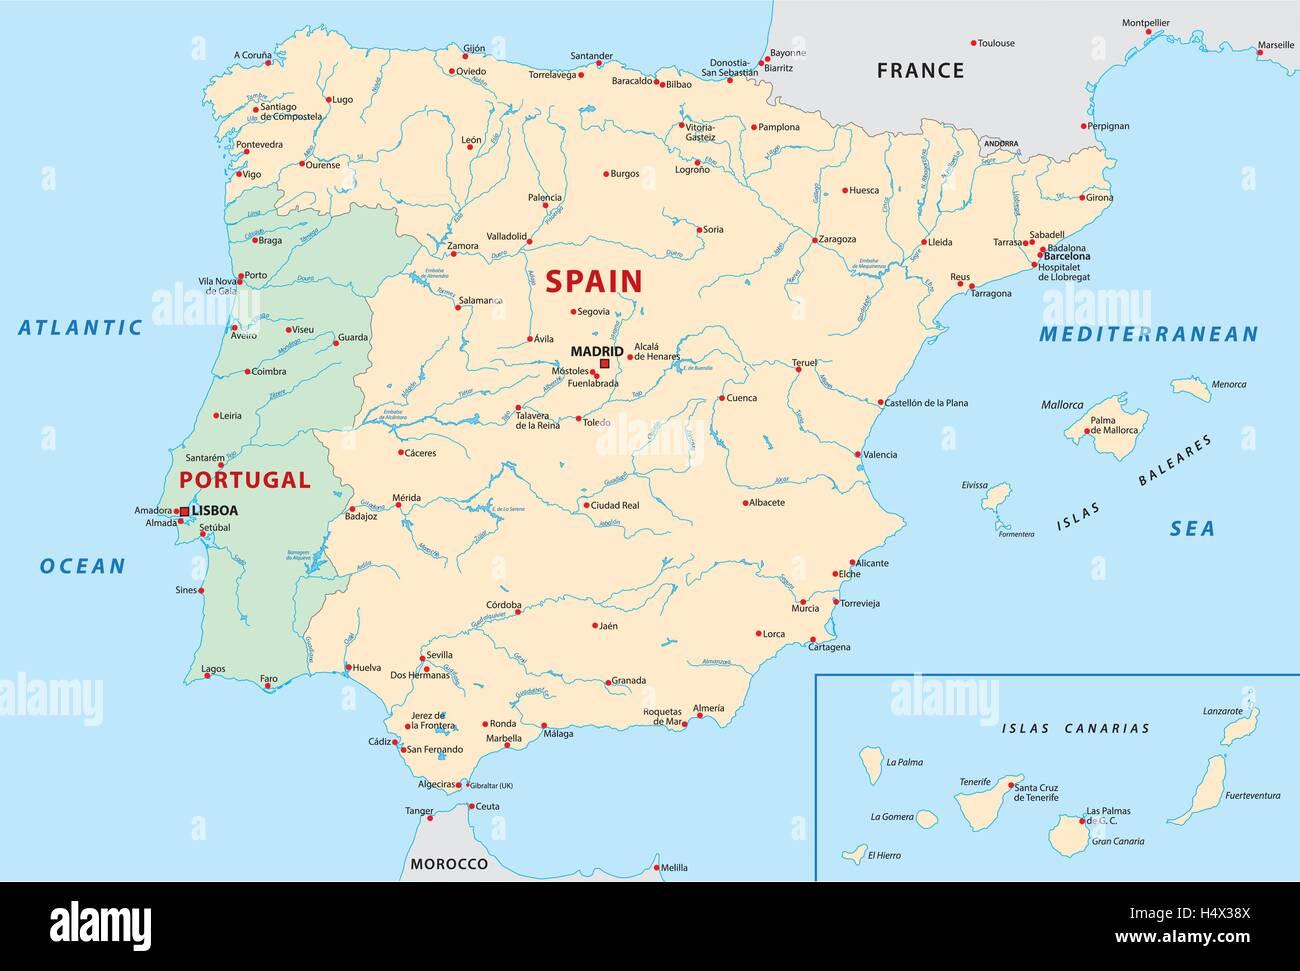 Portogallo E Spagna Cartina.Il Portogallo E La Spagna Mappa Immagine E Vettoriale Alamy